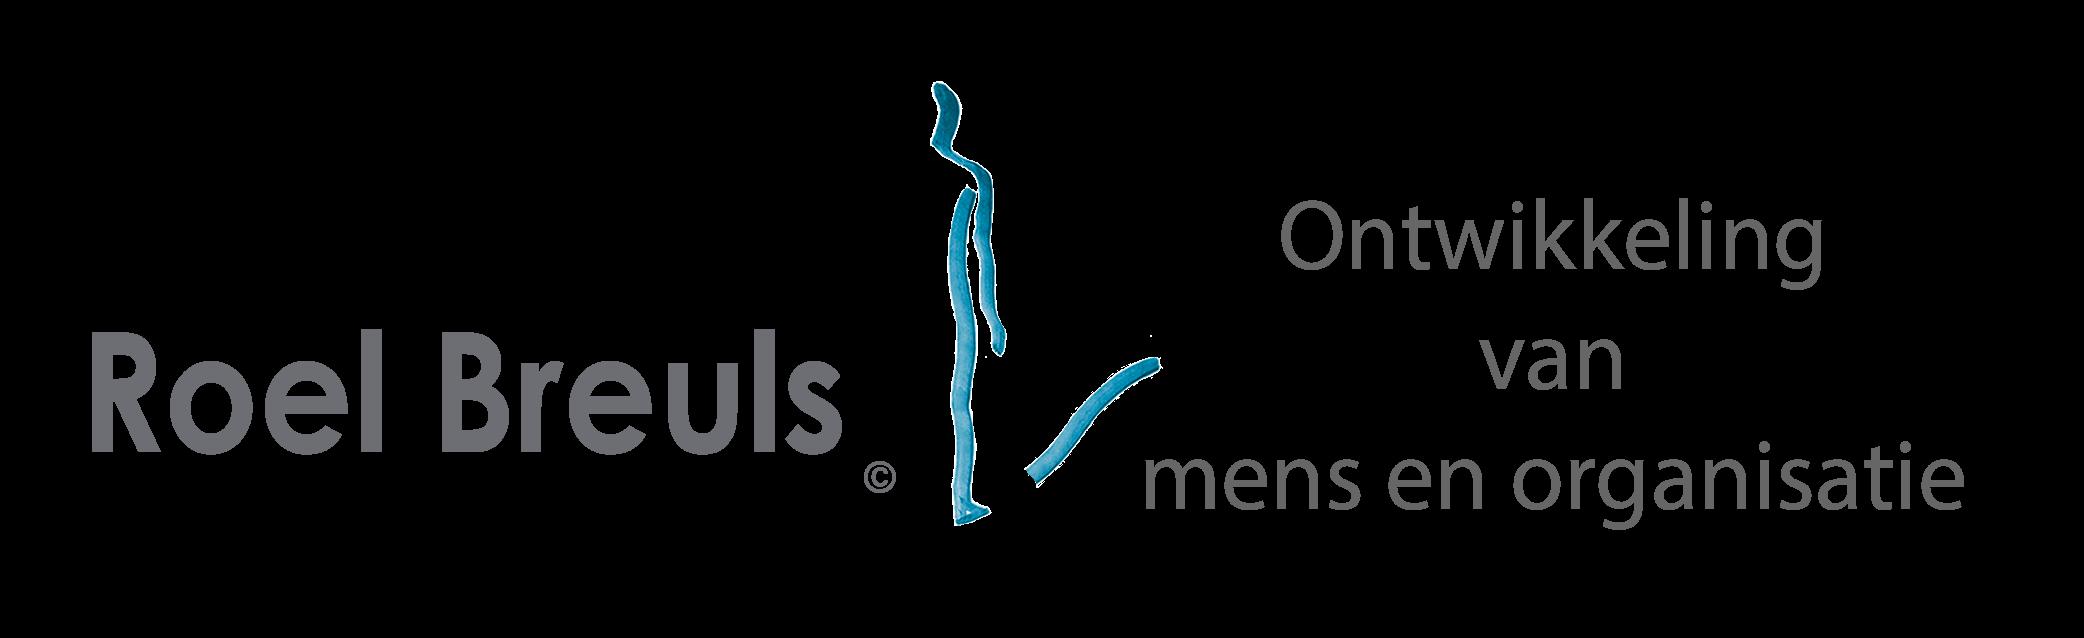 roelbreuls.nl - Ontwikkeling van mens en organisatie